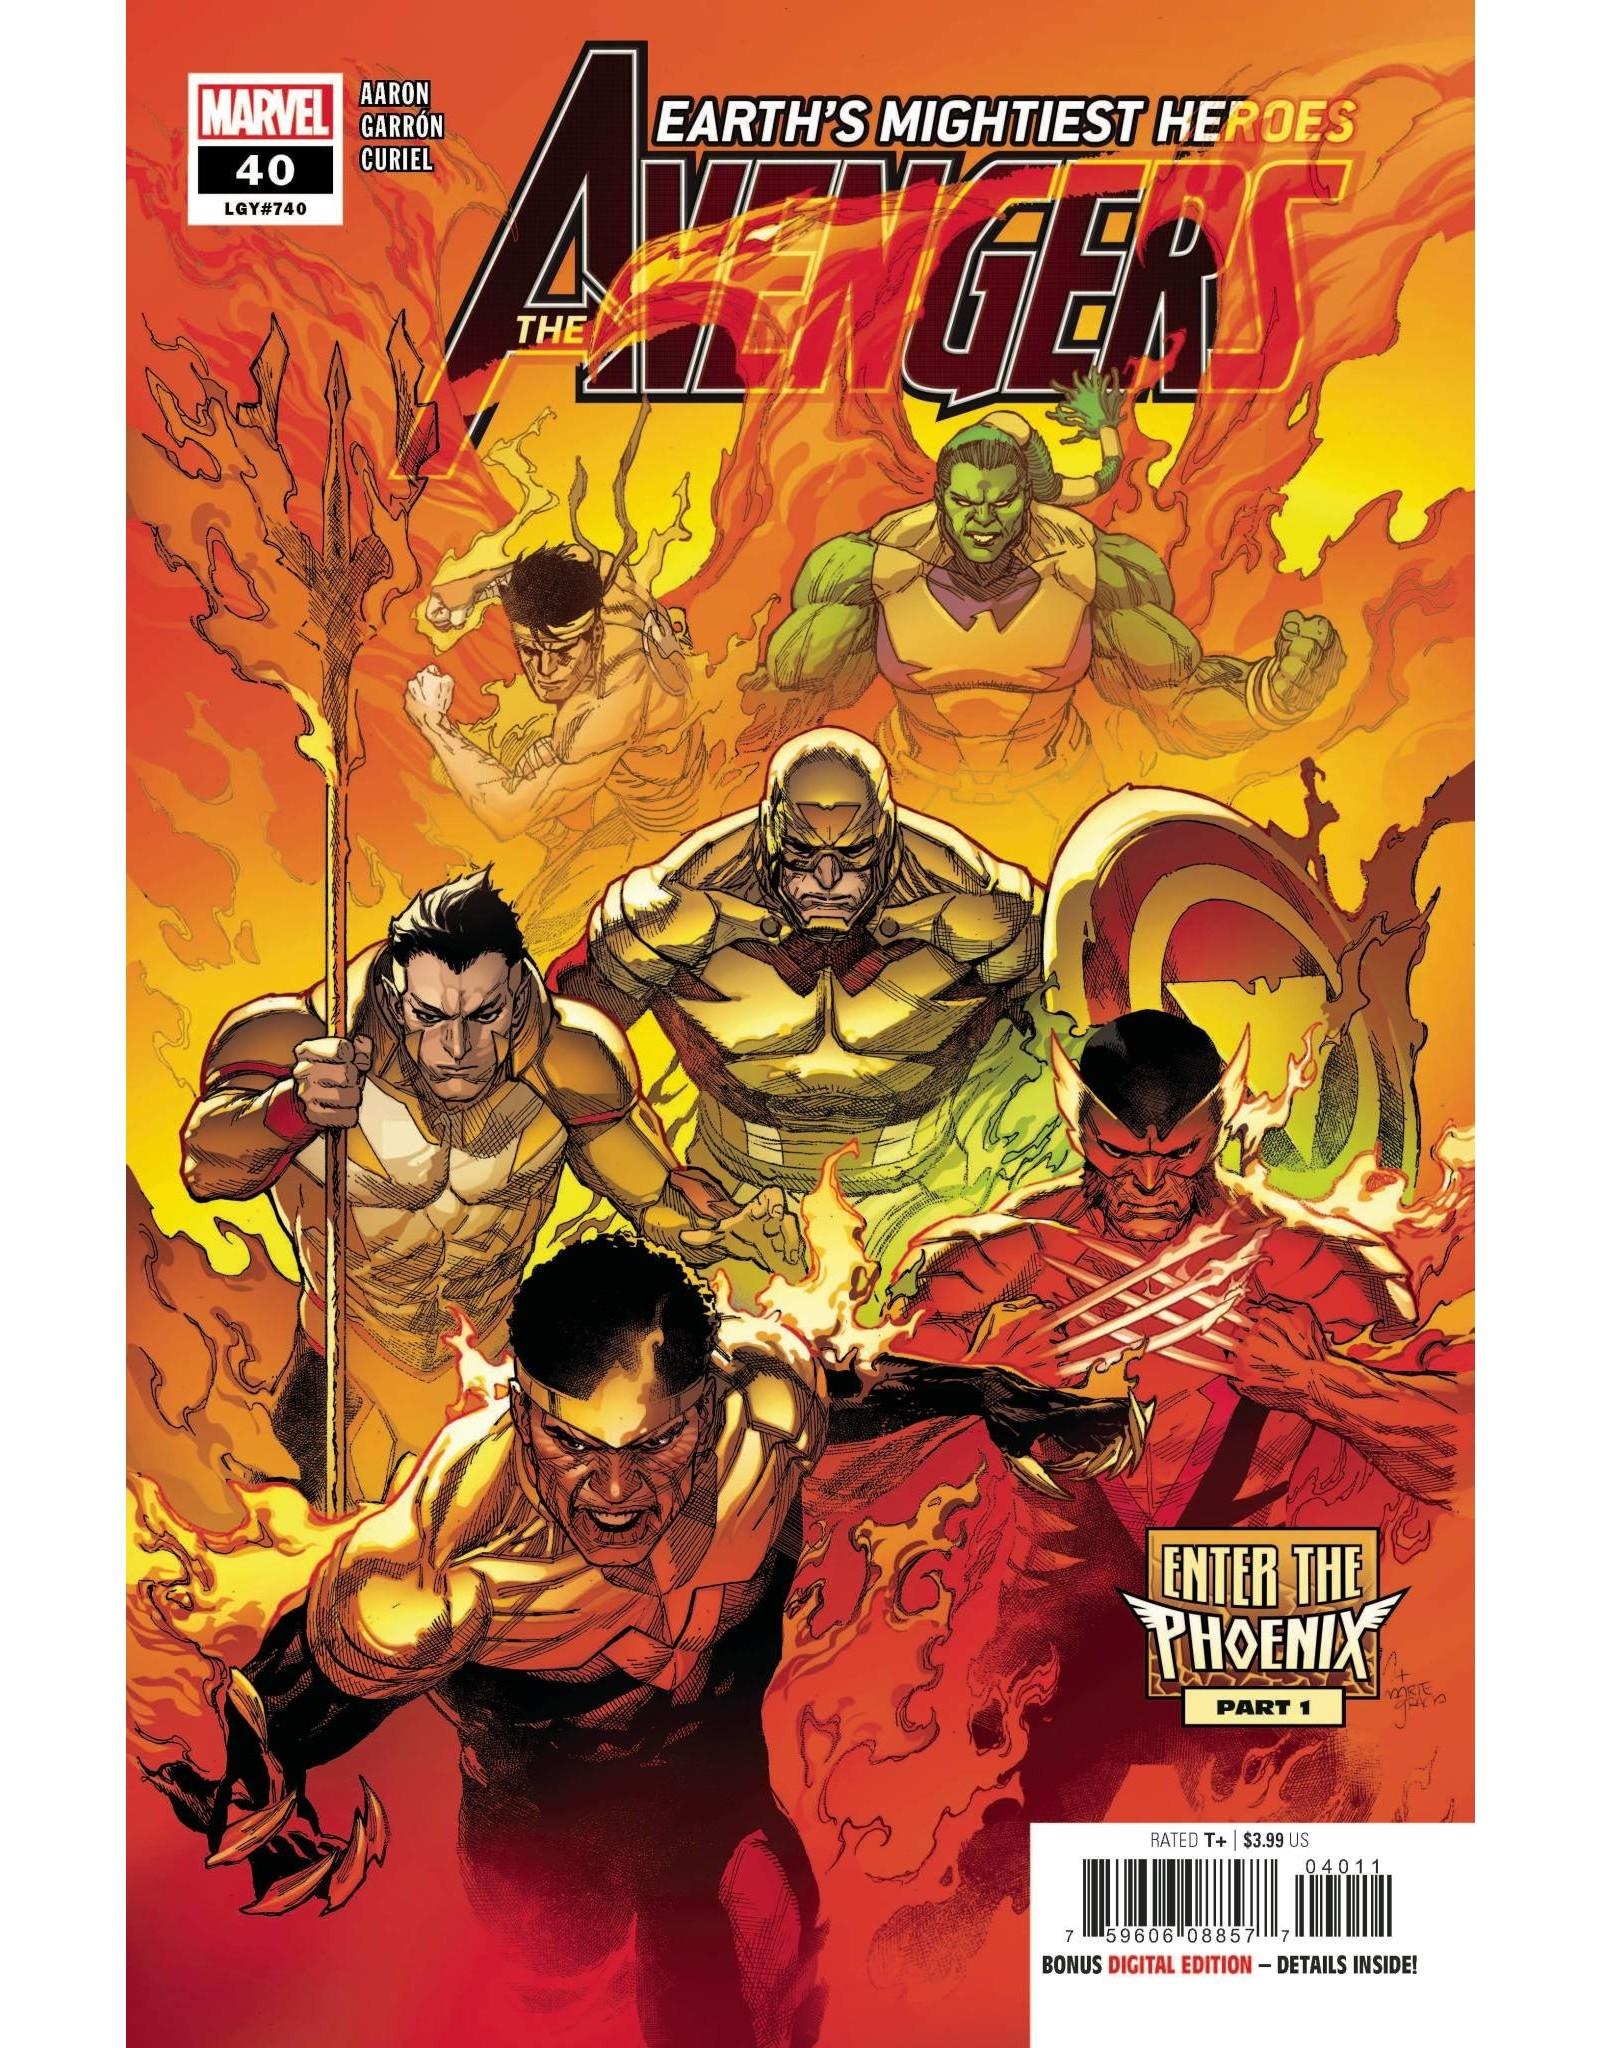 Marvel Comics AVENGERS #40